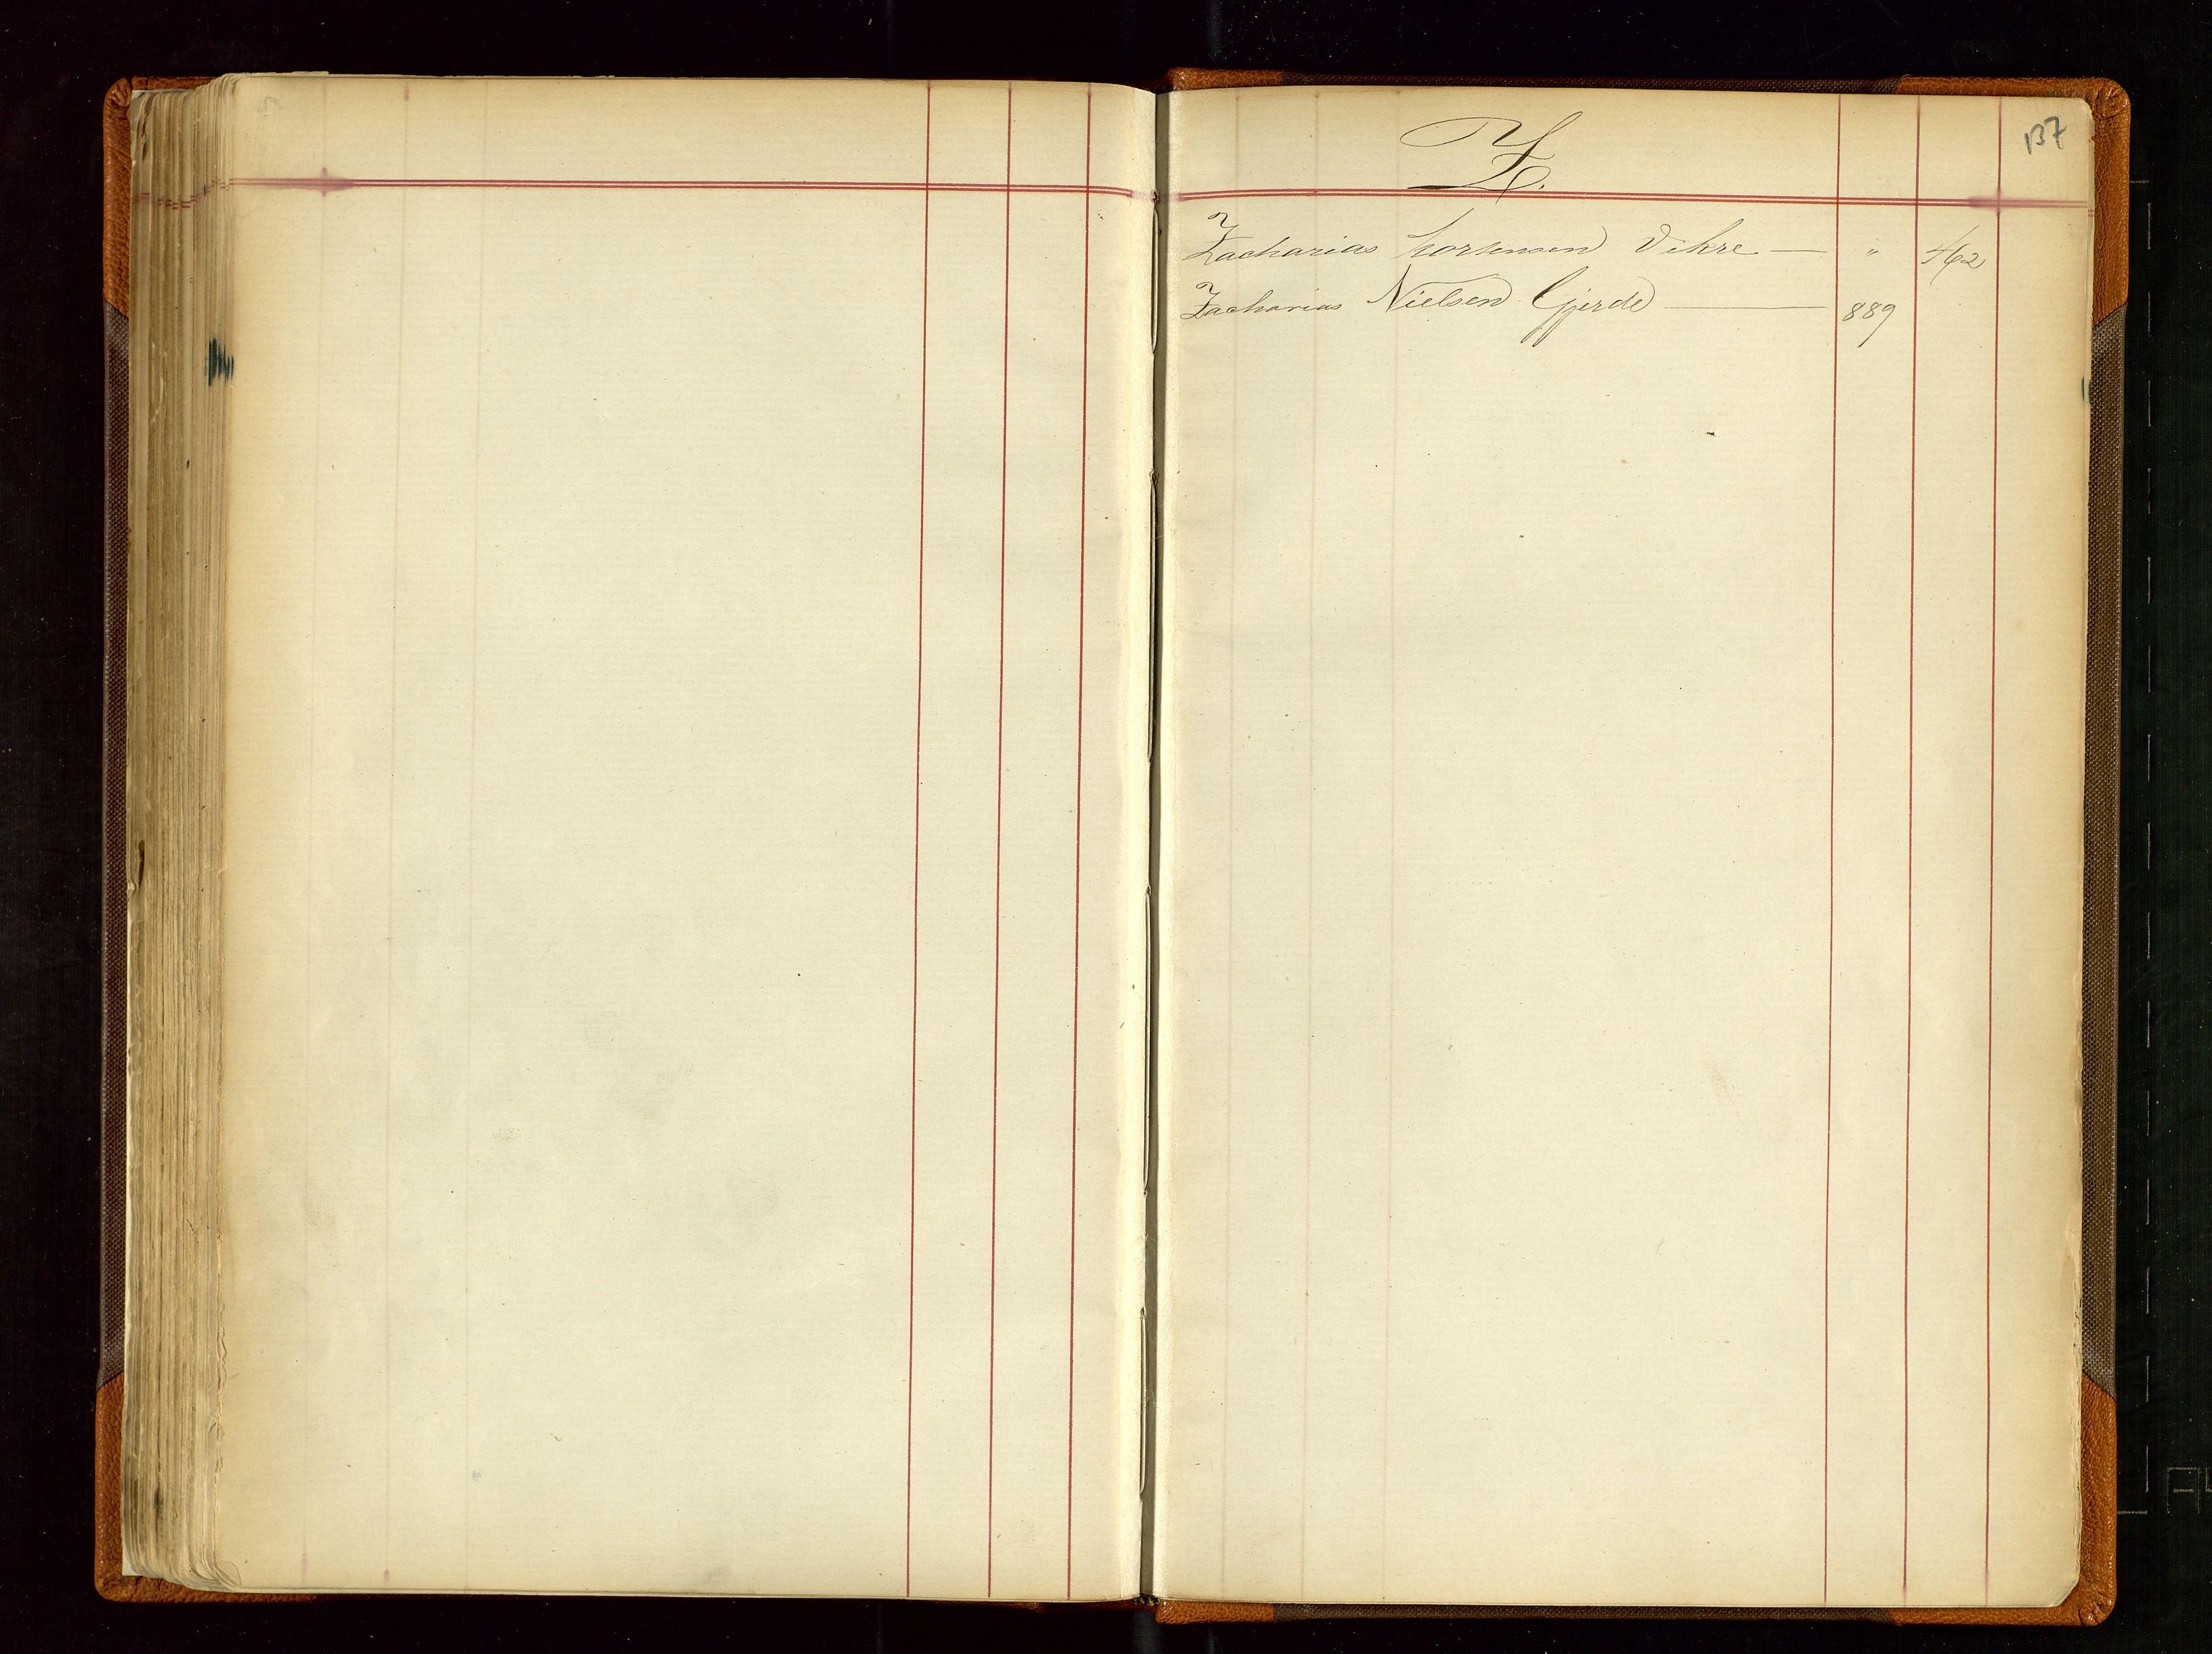 SAST, Haugesund sjømannskontor, F/Fb/Fba/L0001: Navneregister med henvisning til rullenr (Fornavn) Skudenes krets, 1860-1948, s. 137